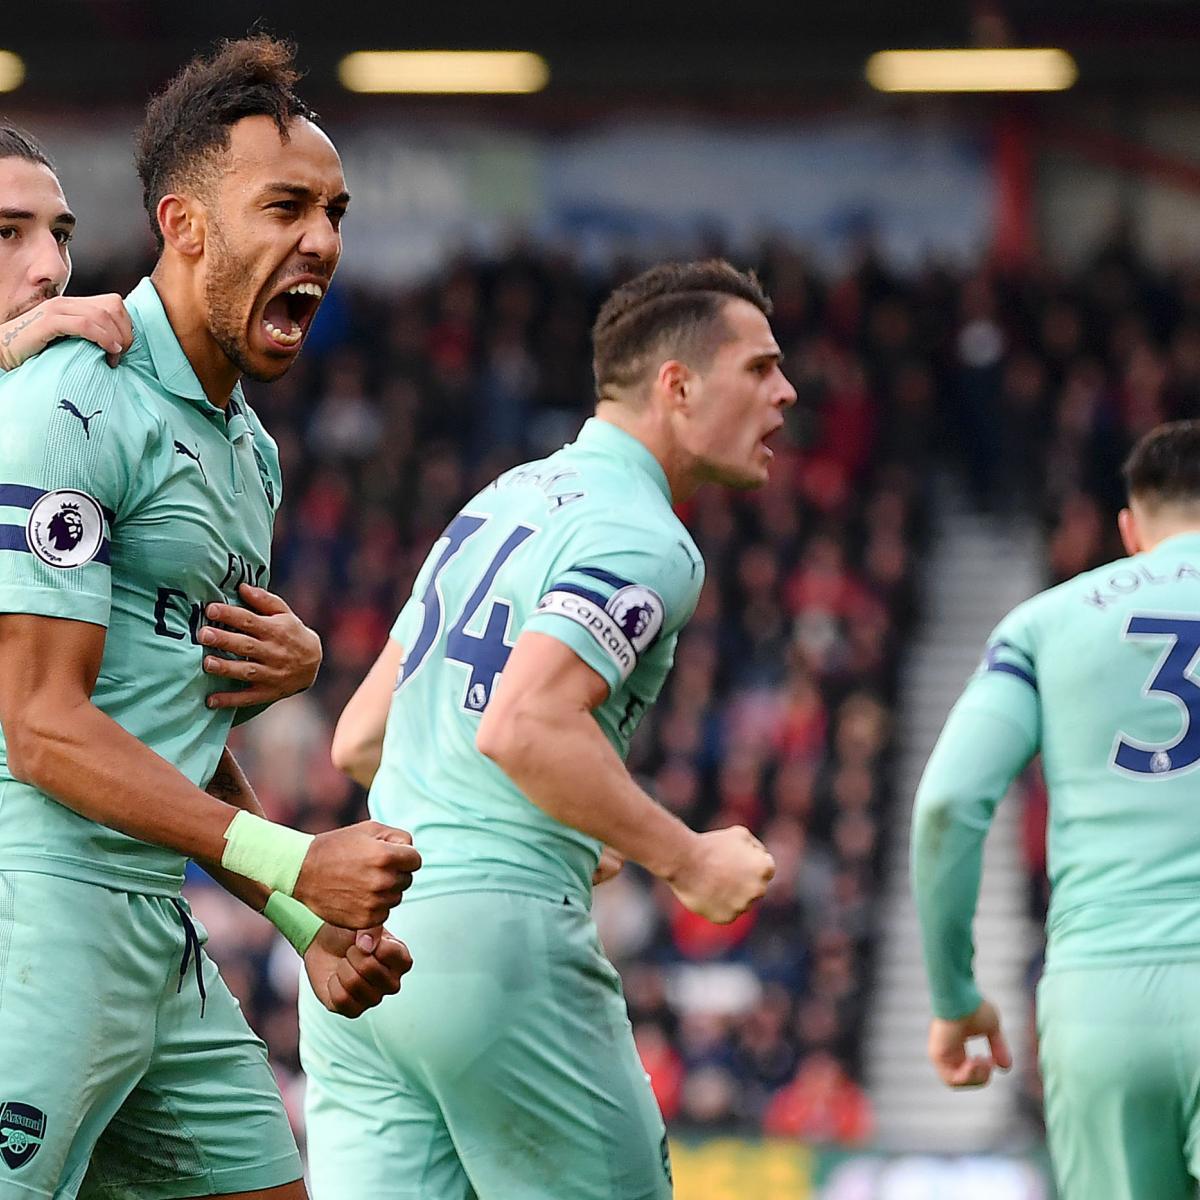 Ajax Vs Tottenham Hotspur Preview Live Stream Tv Info: Arsenal Vs. Tottenham: Odds, Preview, Live Stream, TV Info